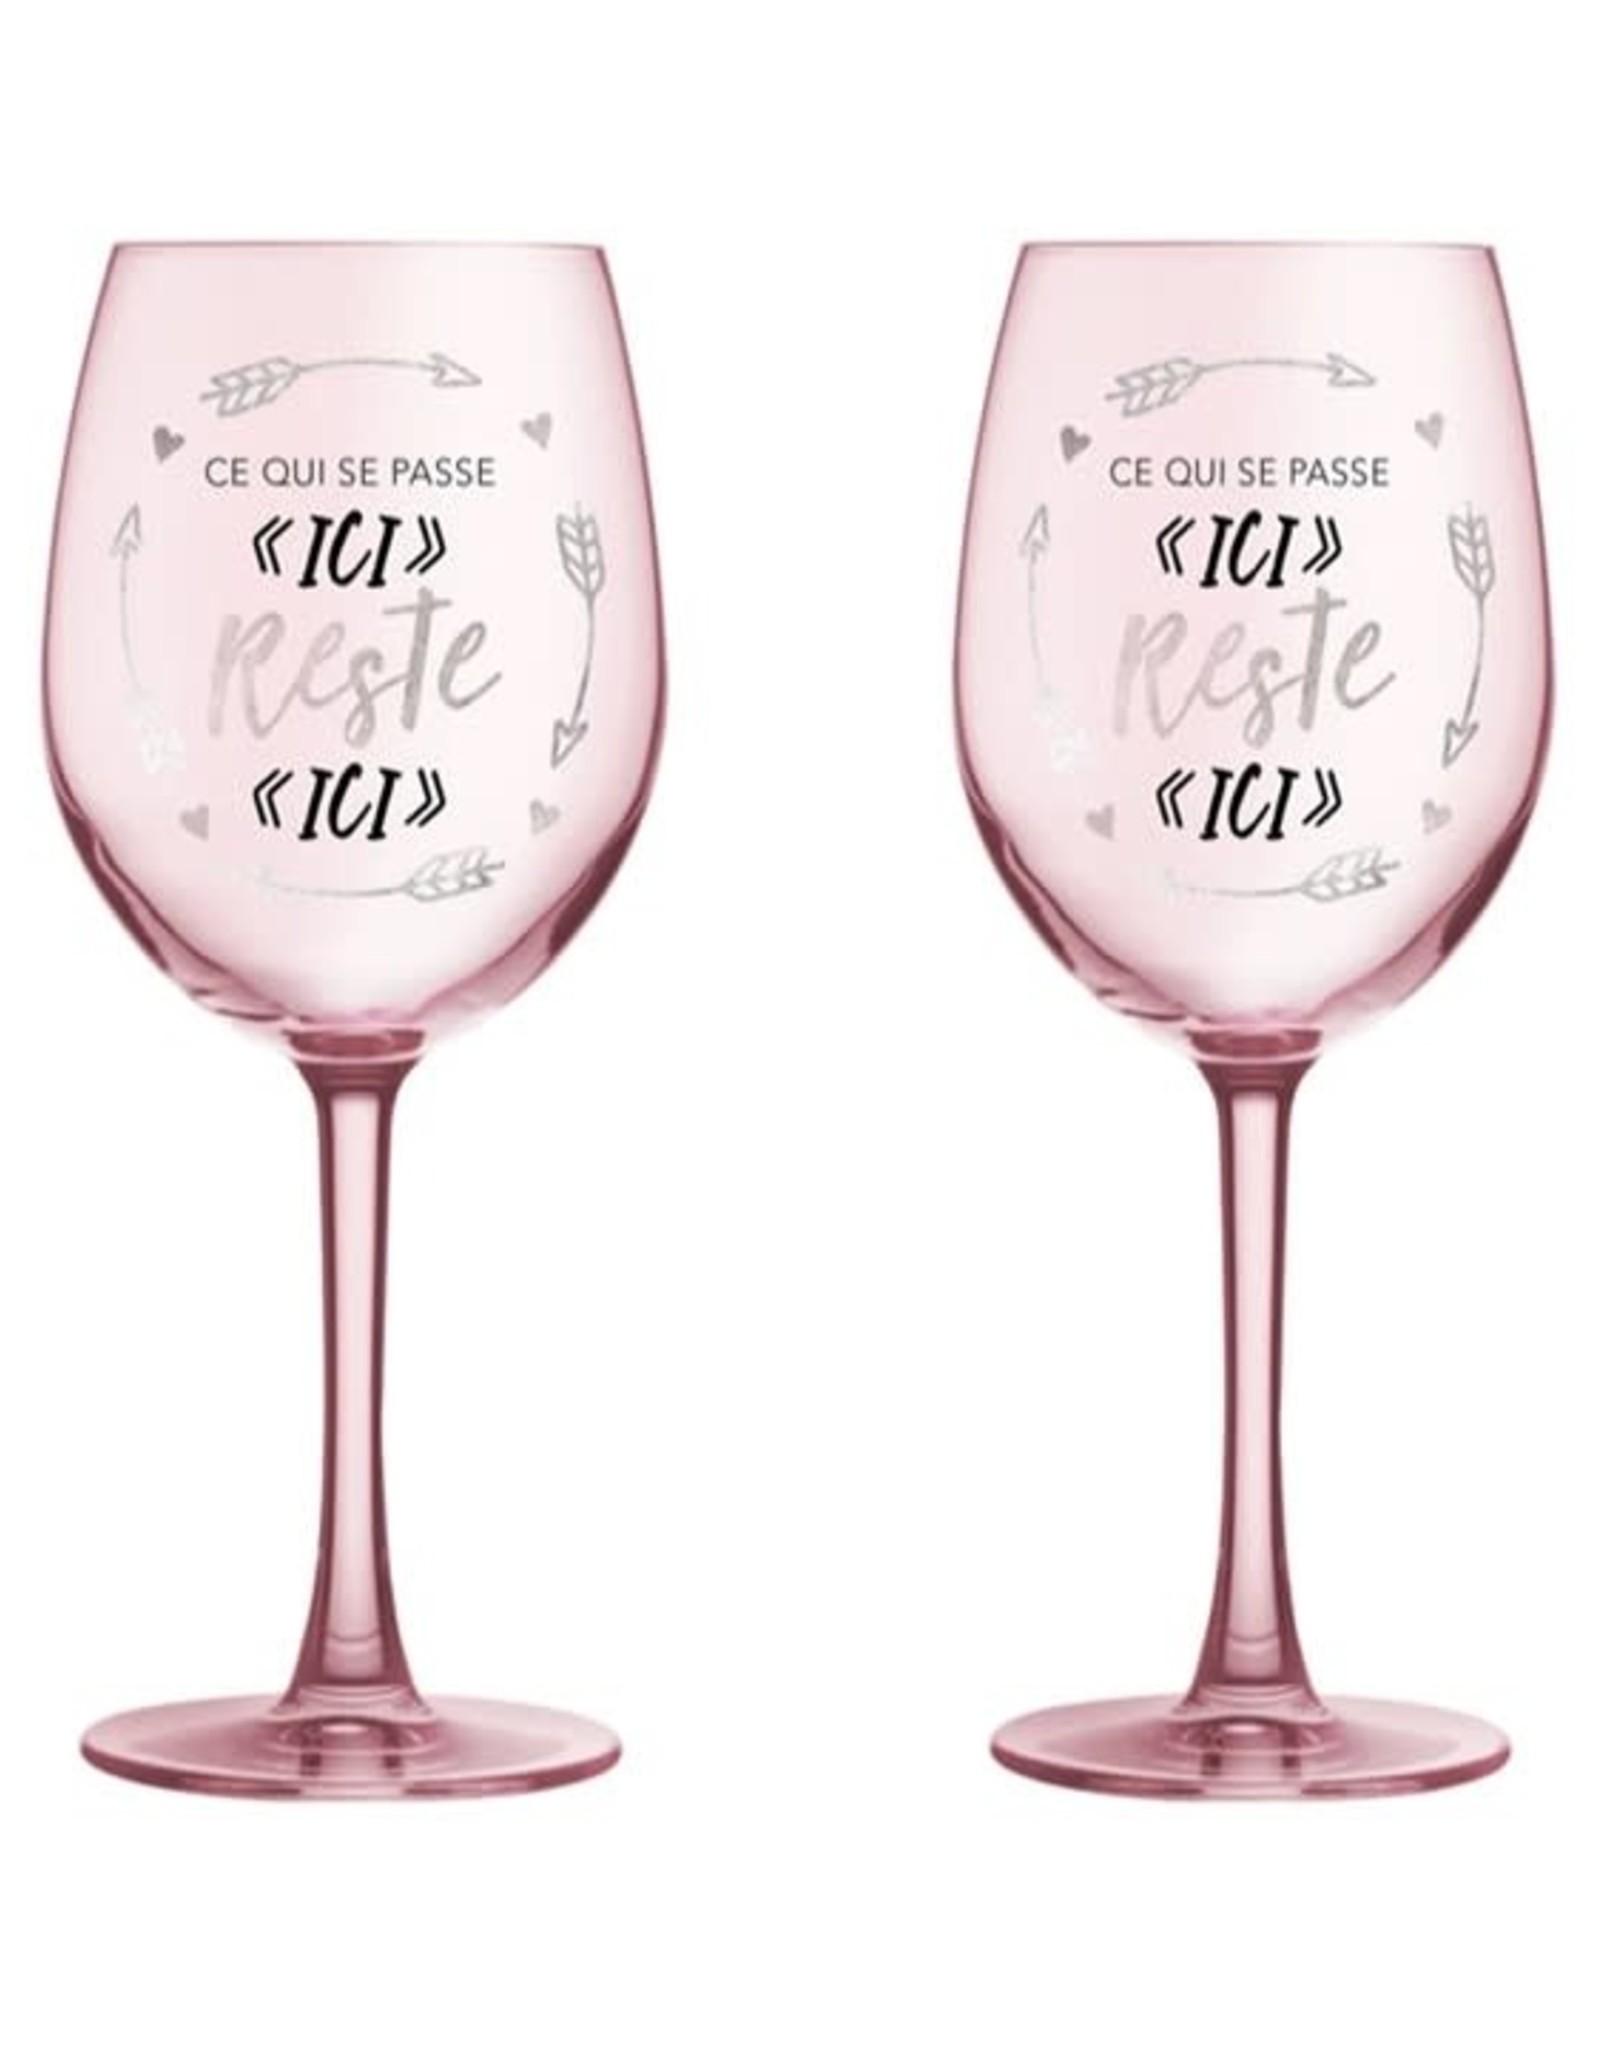 Chantal Lacroix Duo verre à vin - Amitié